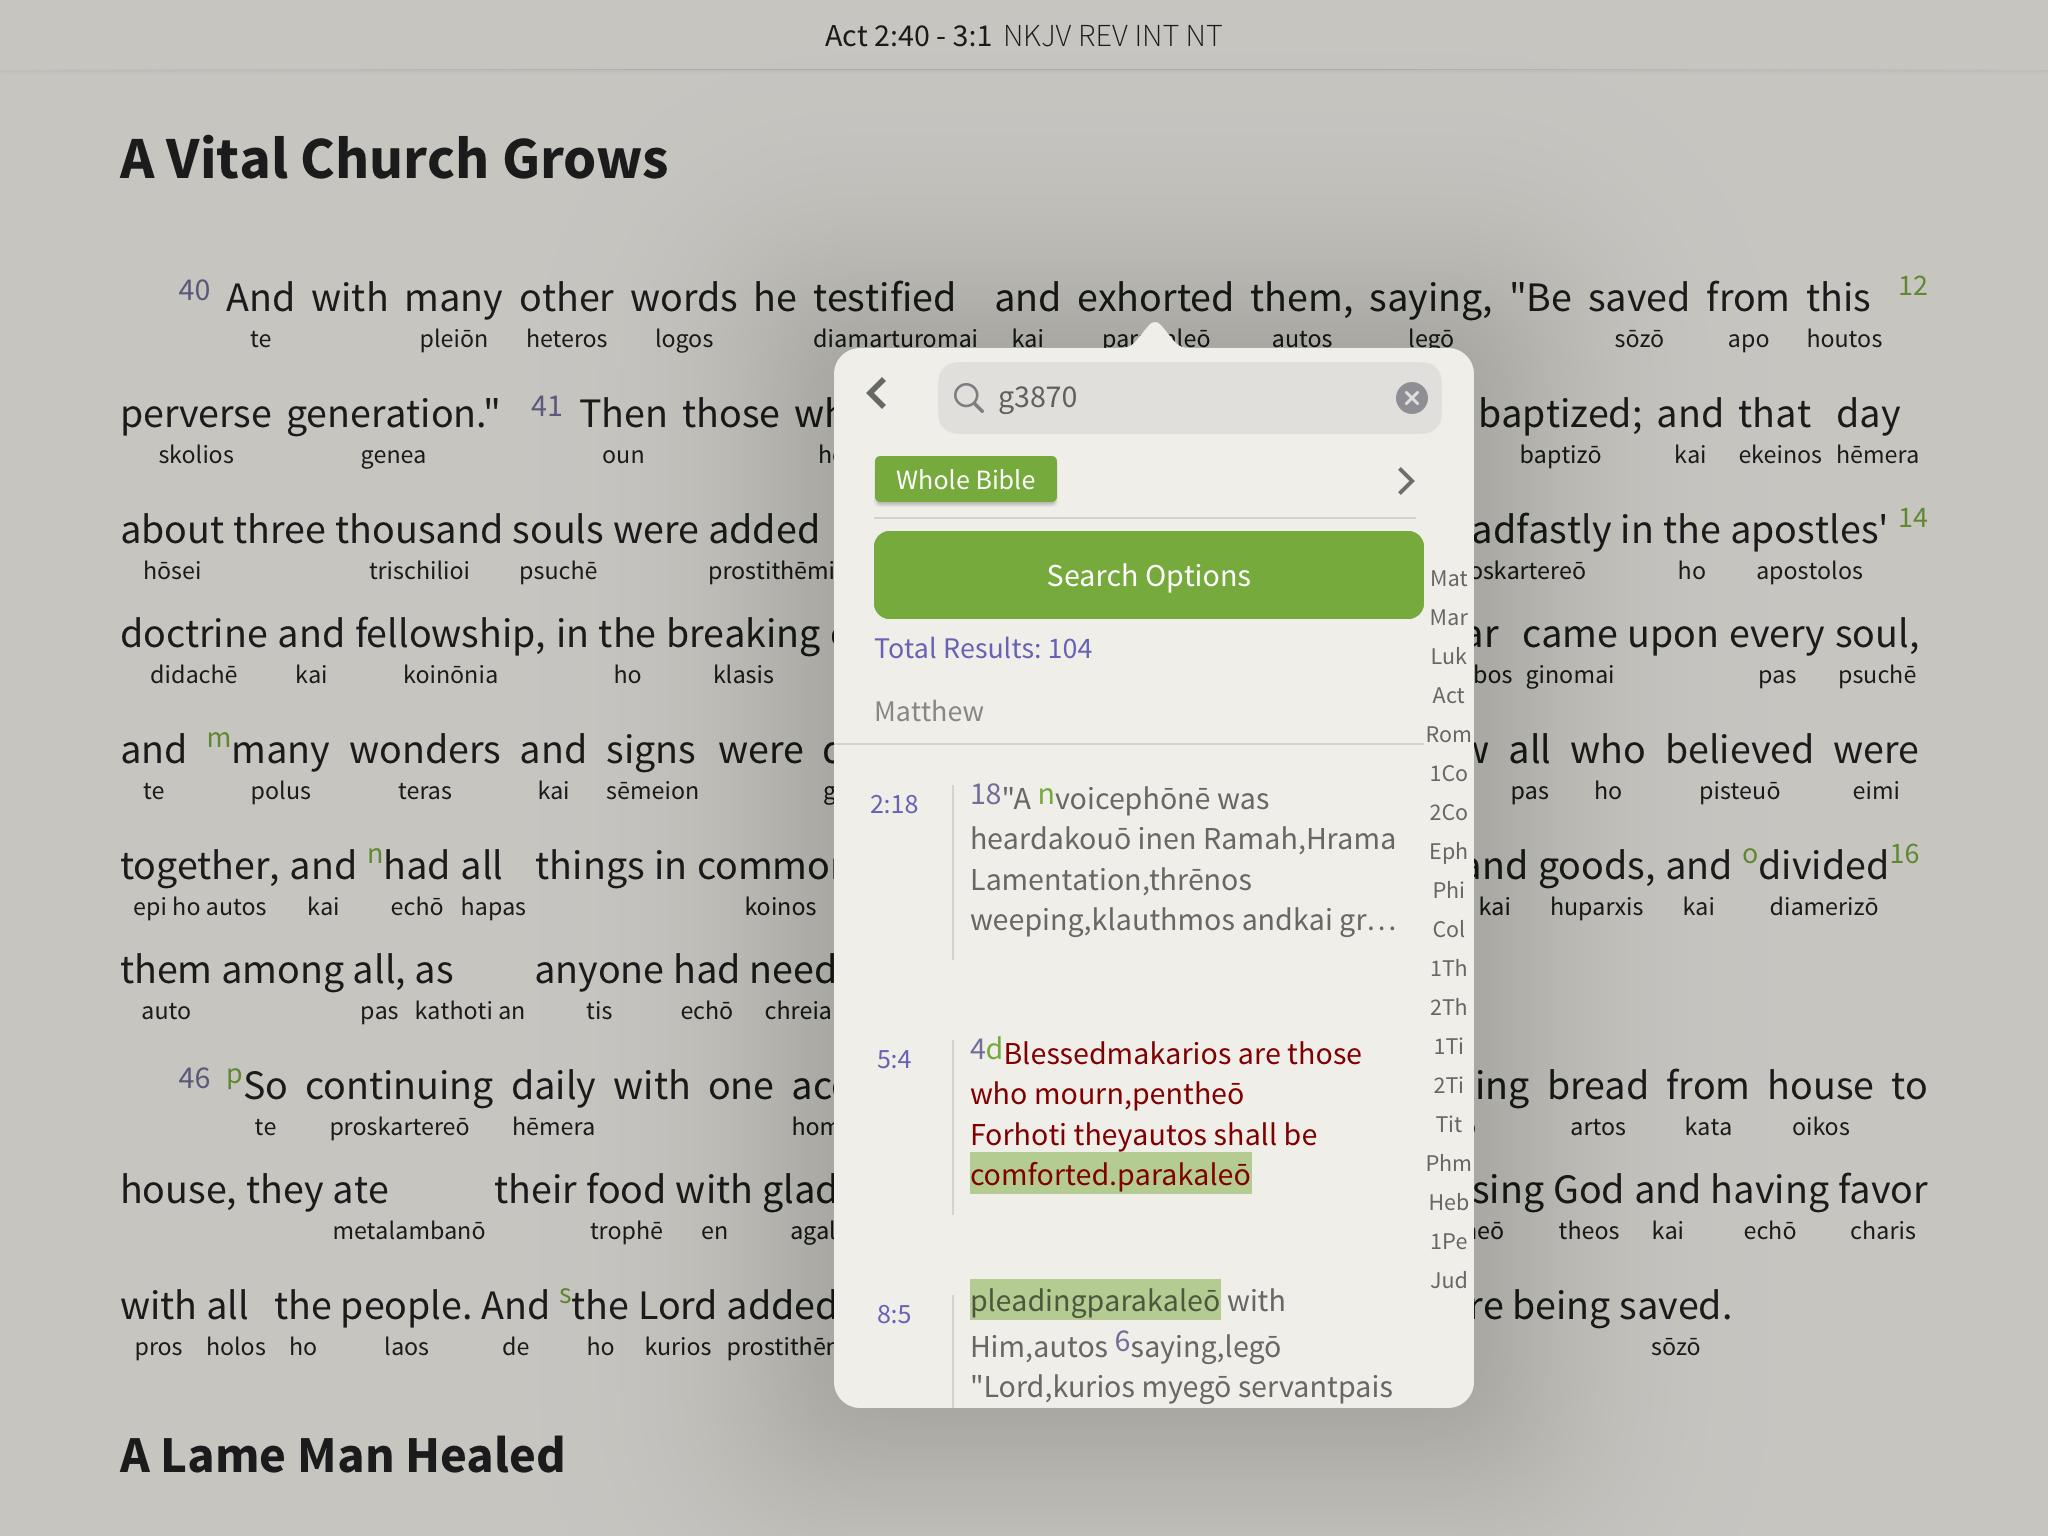 nkjv reverse interlinear strongs search